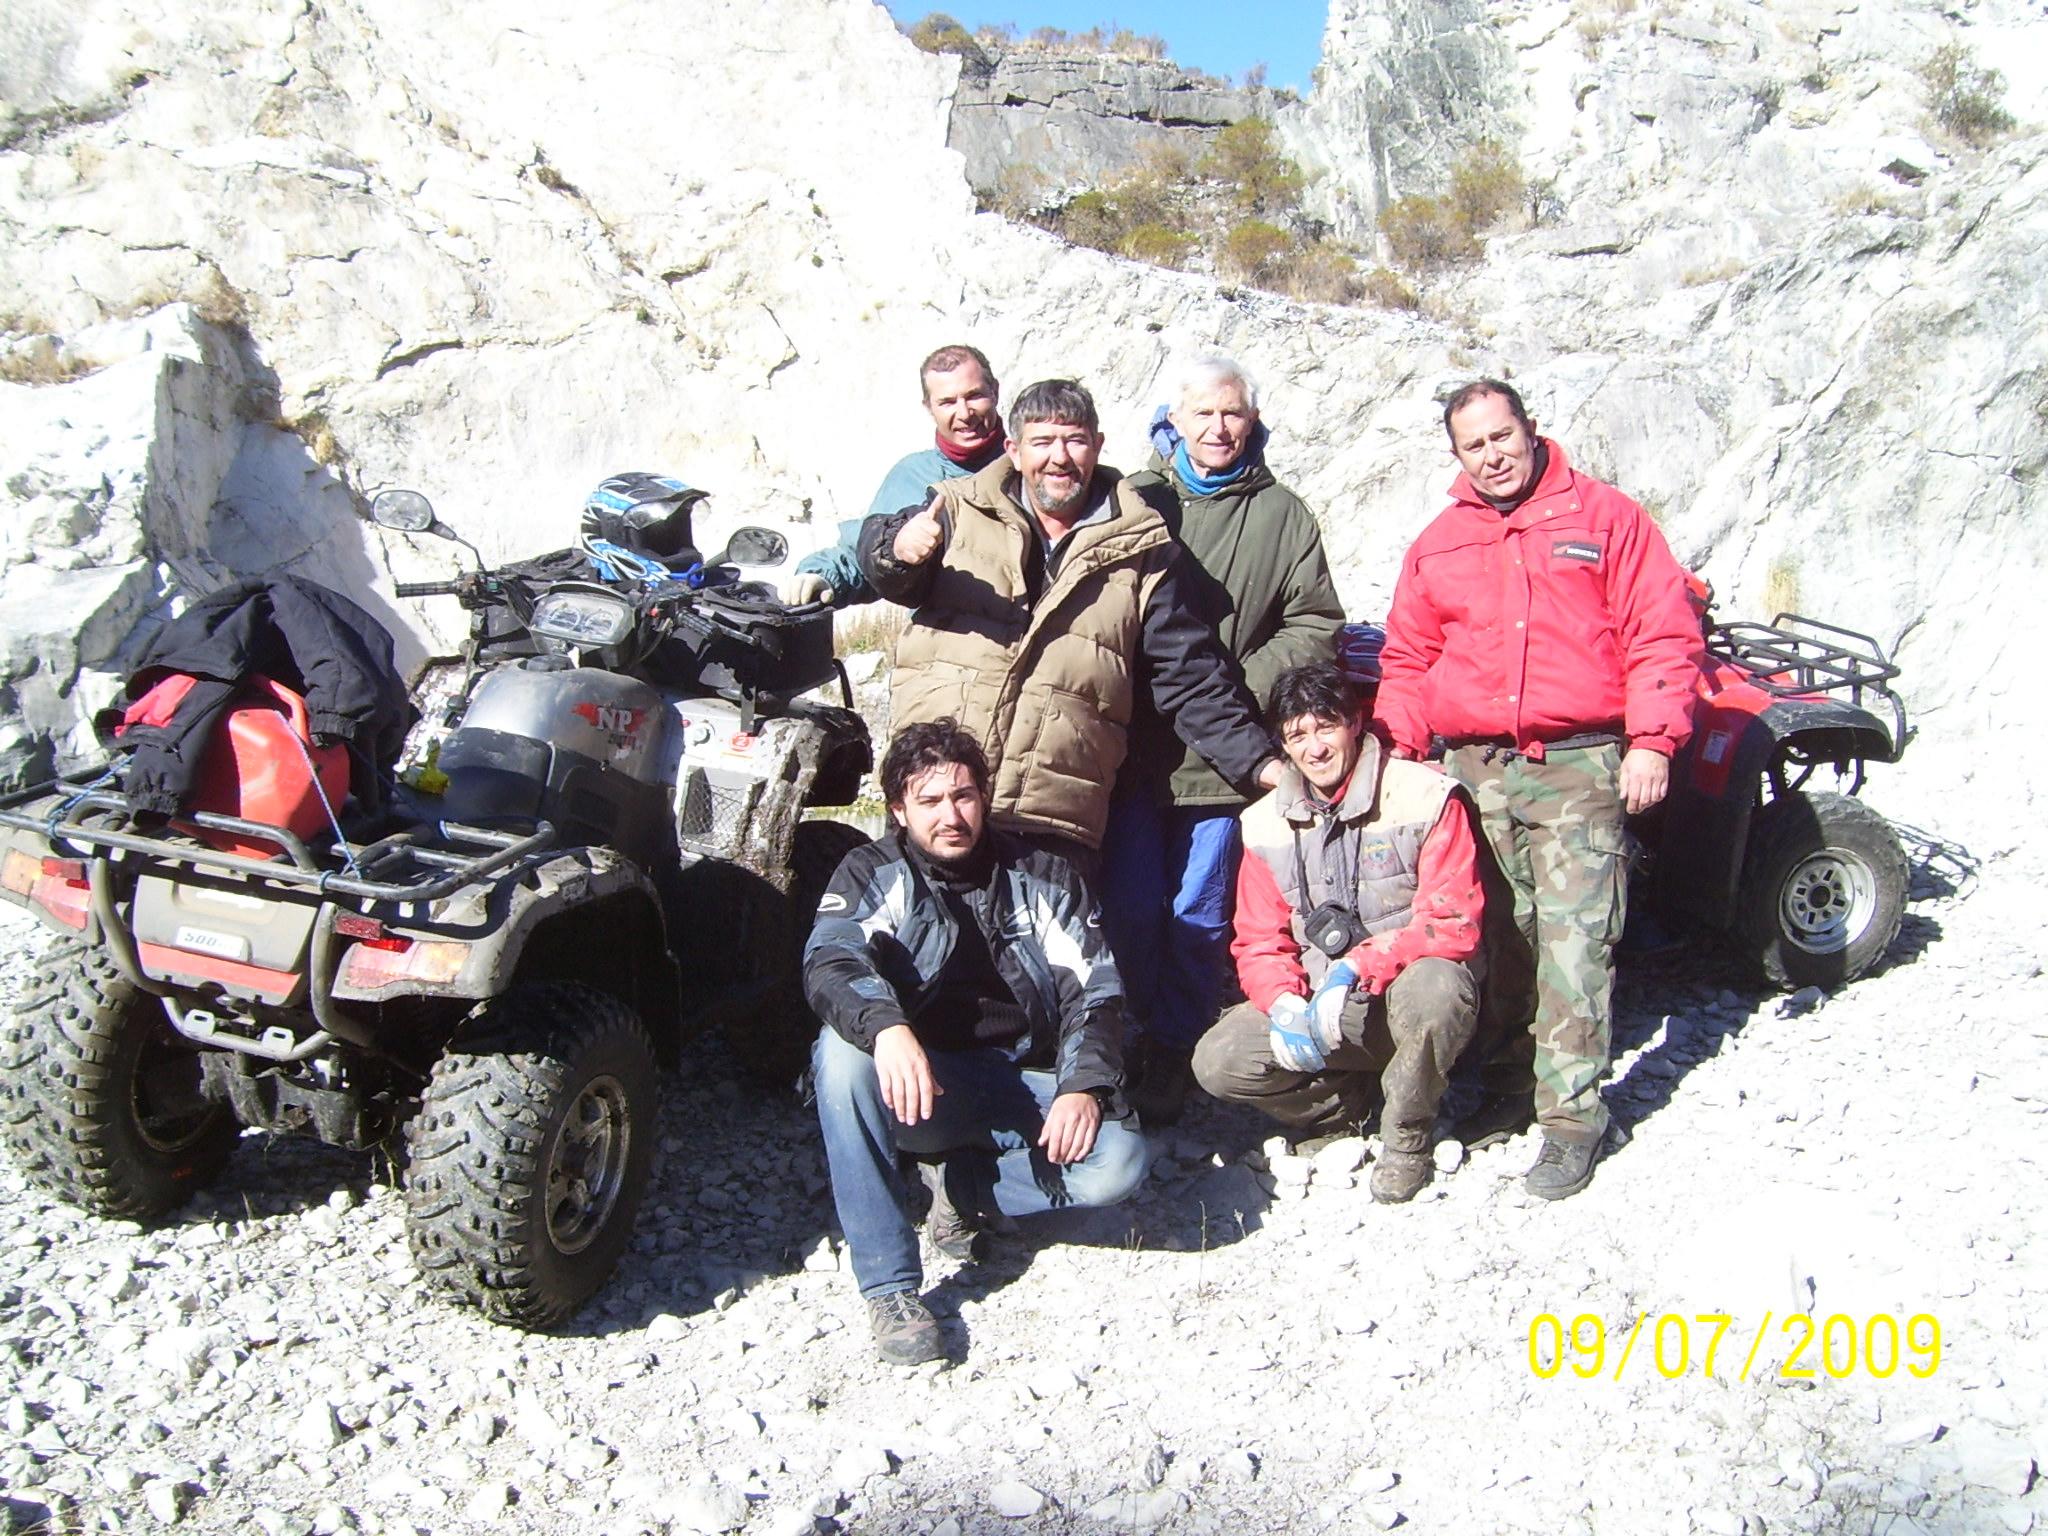 Characato-10-07-2009 041